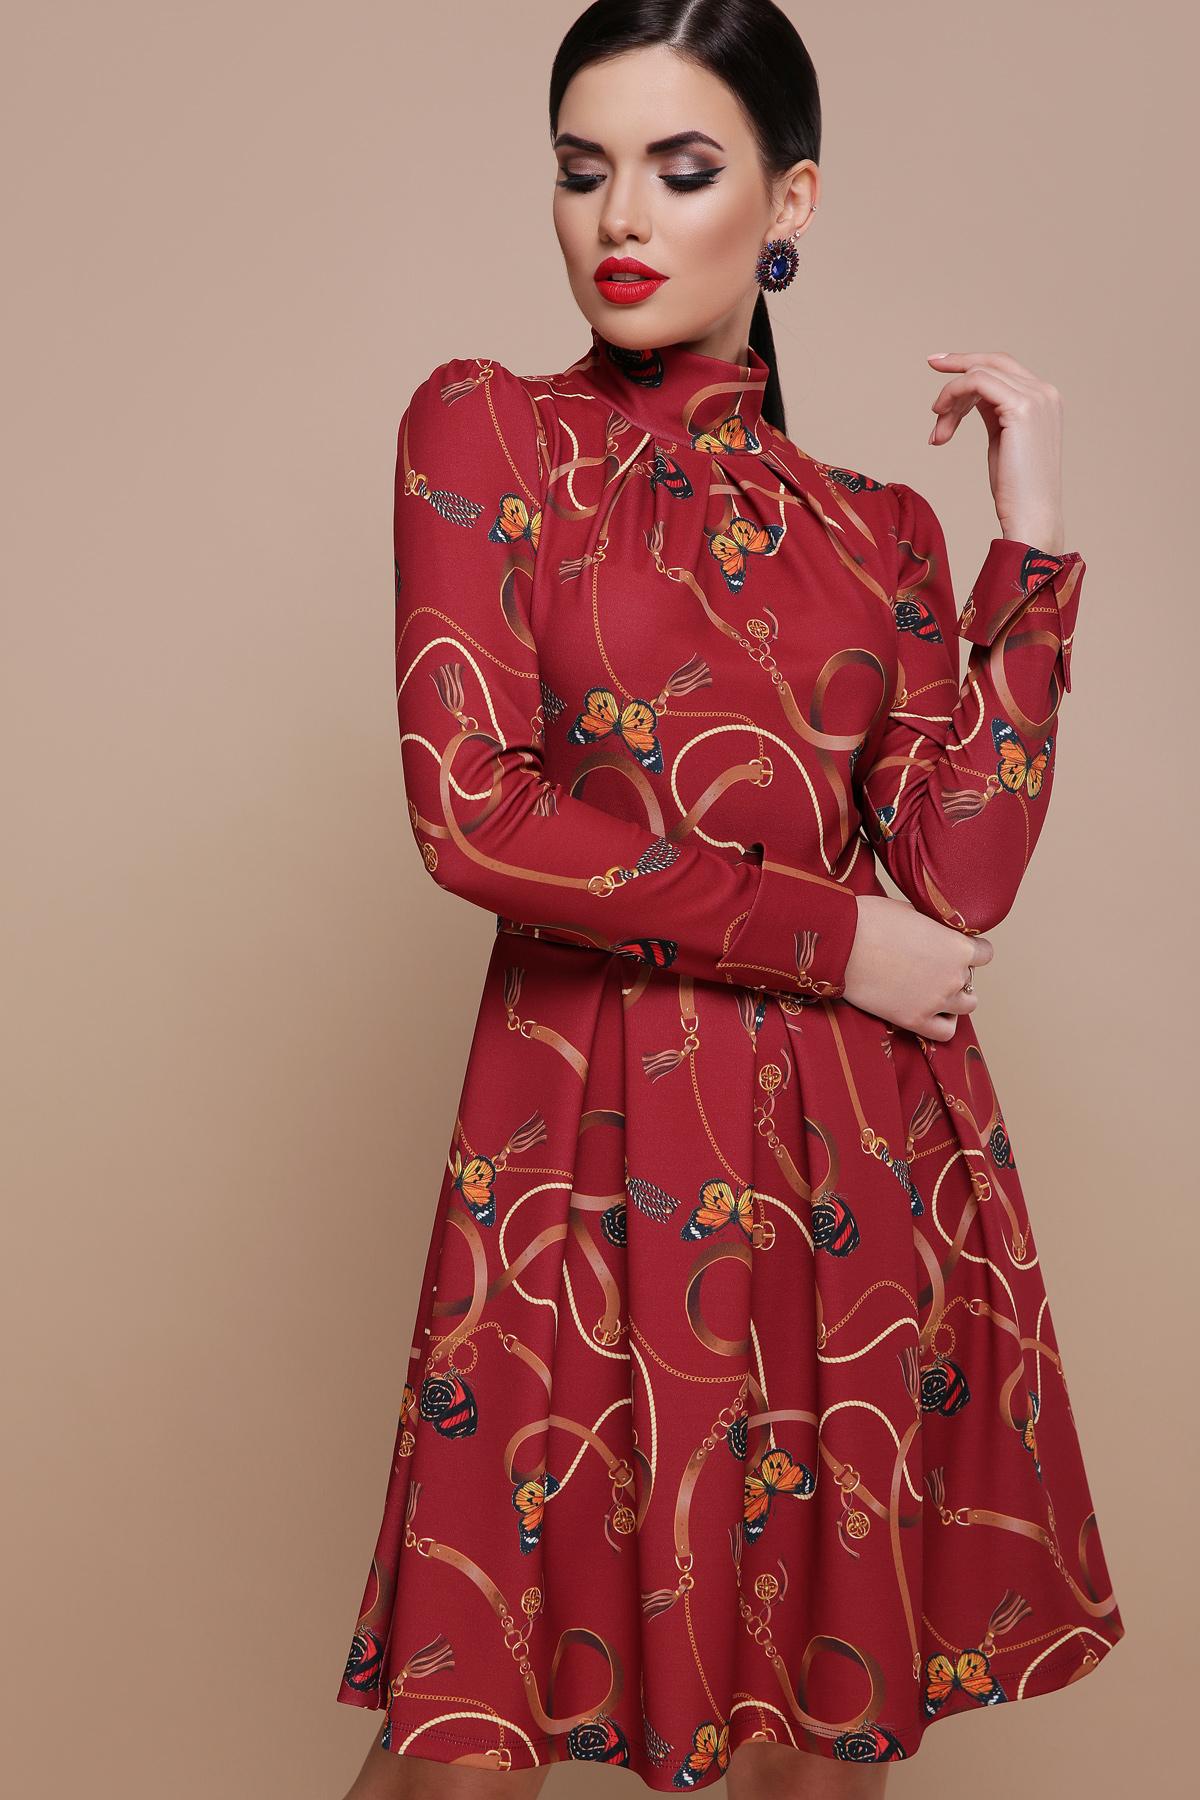 06fdb48b82f Закупка Fashion Glem - 3 19. Совместные покупки